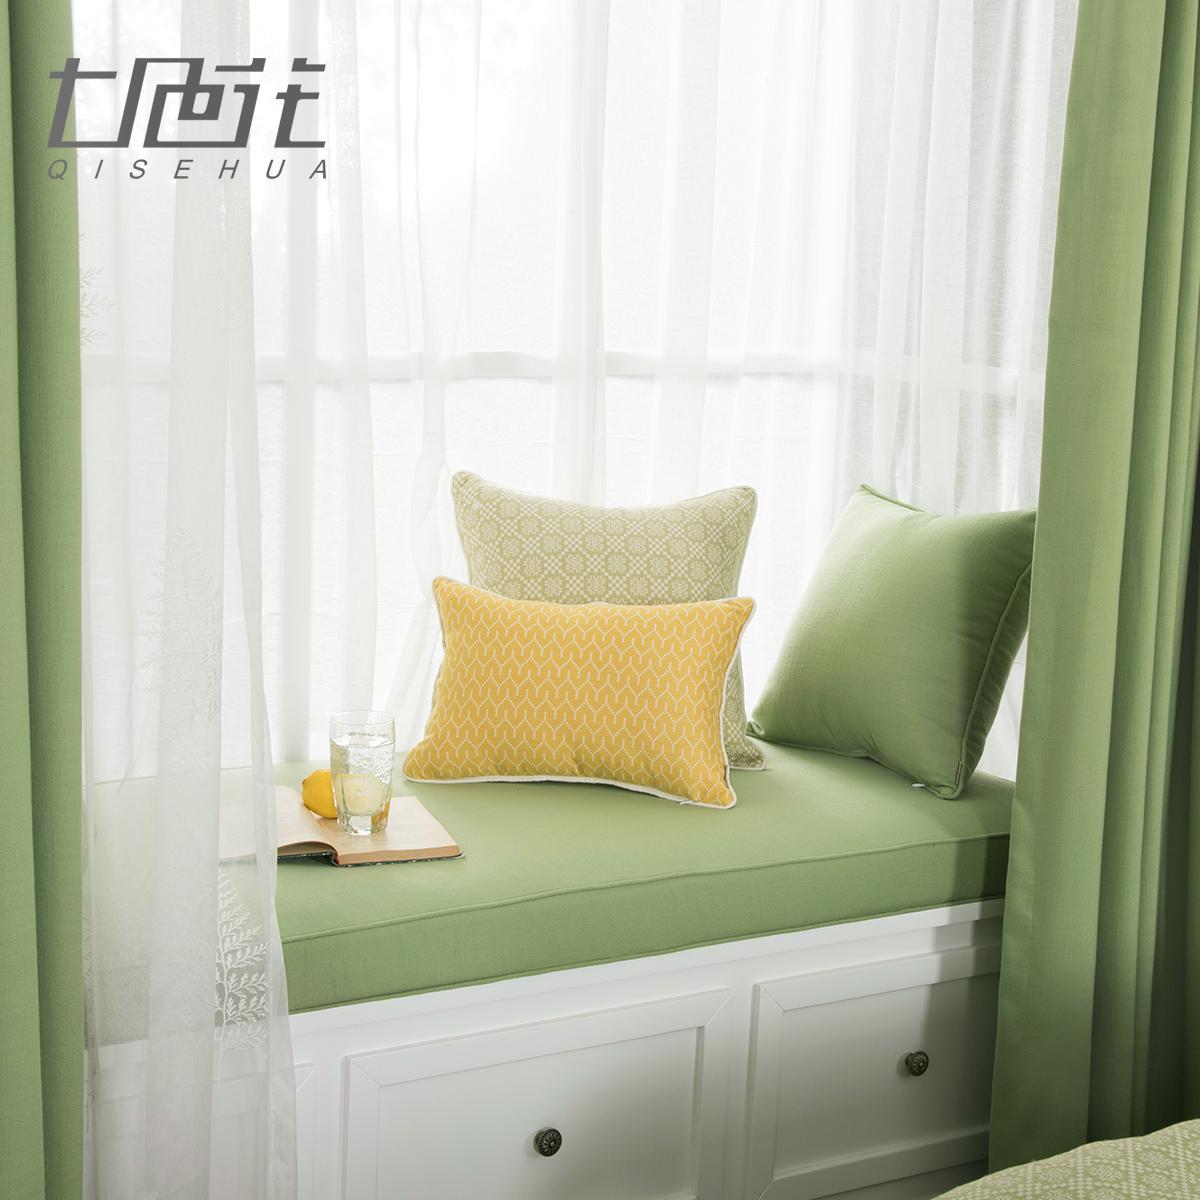 棉麻浅竹绿美式飘窗垫定做田园坐垫热销7件包邮